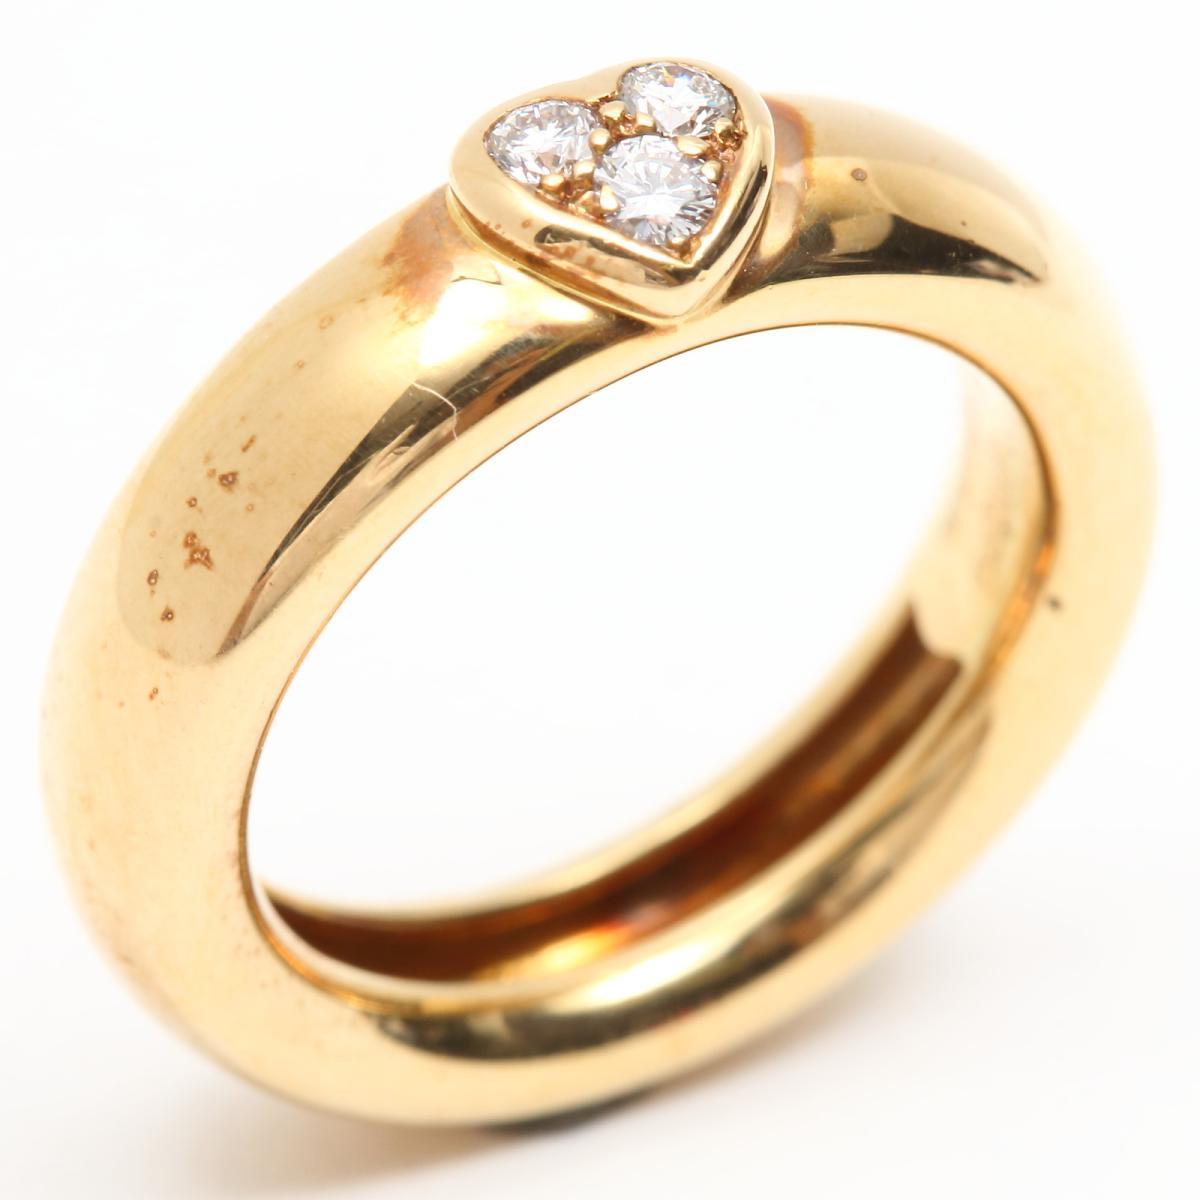 フレンドシップ ダイヤモンド リング 指輪 10号